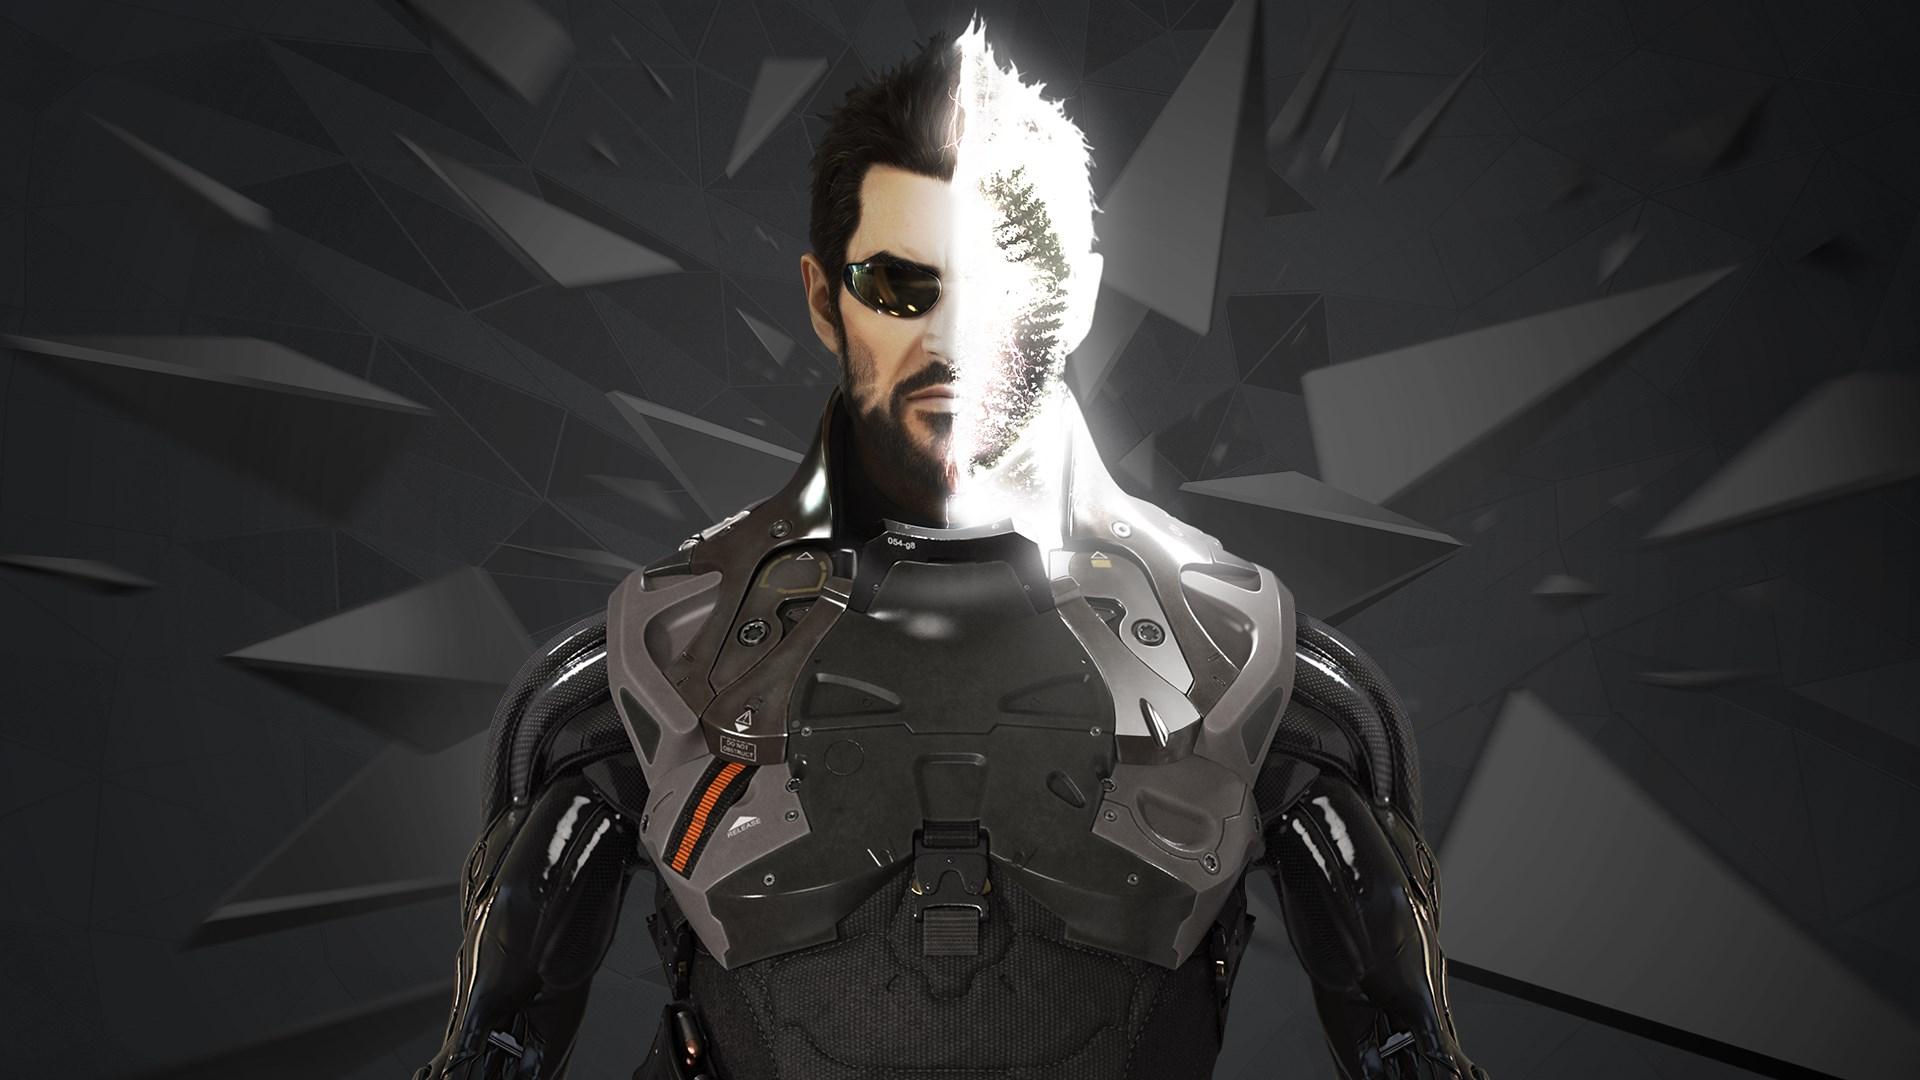 Deus Ex: Mankind Divided - Intruder Gear